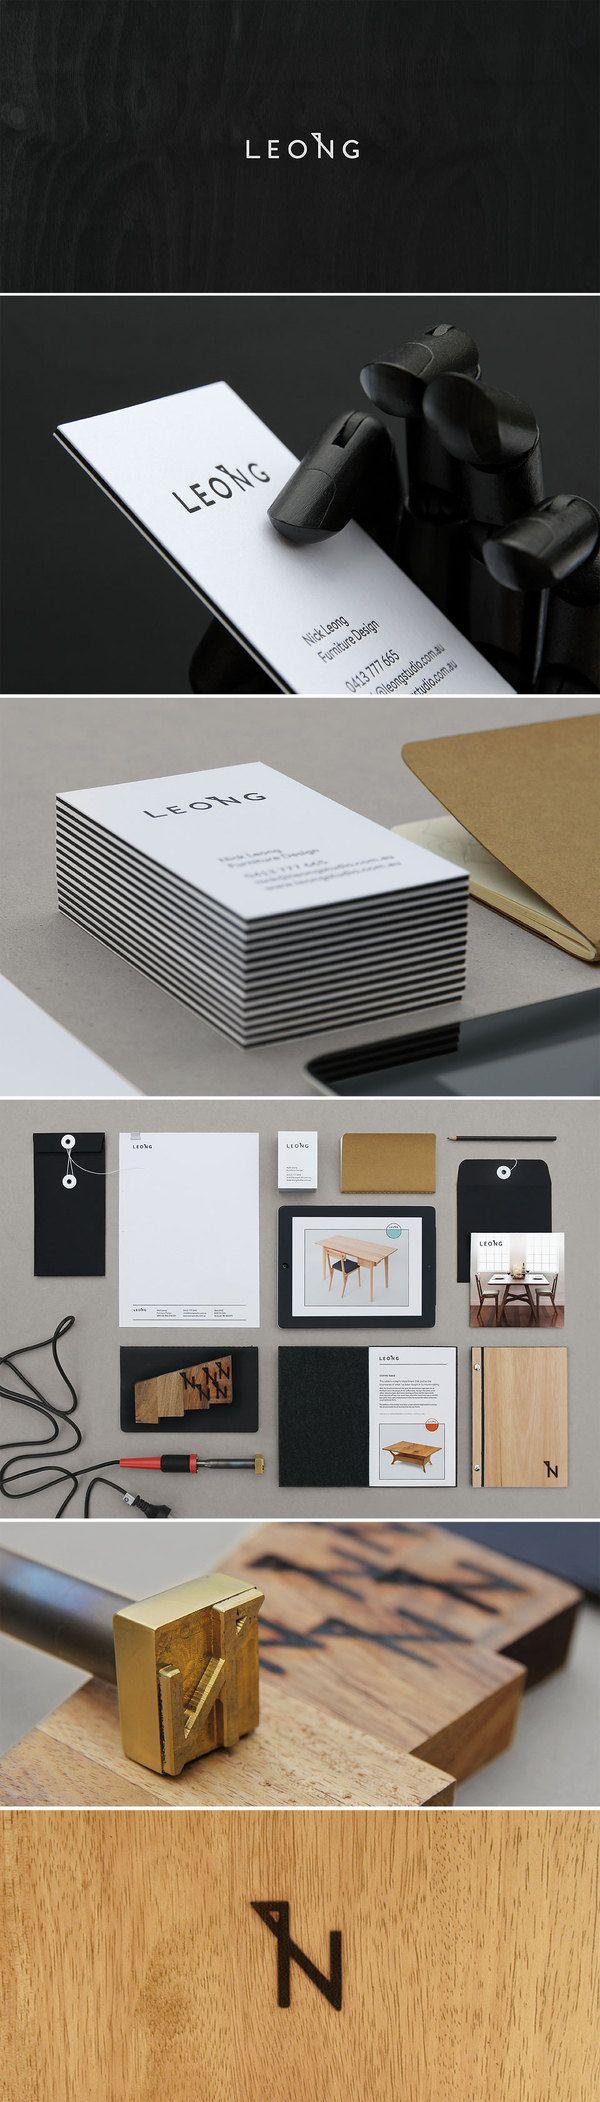 Me encanta esta #imagen #corporativa su #diseño es muy minimalista con elegancia. Leong Furniture